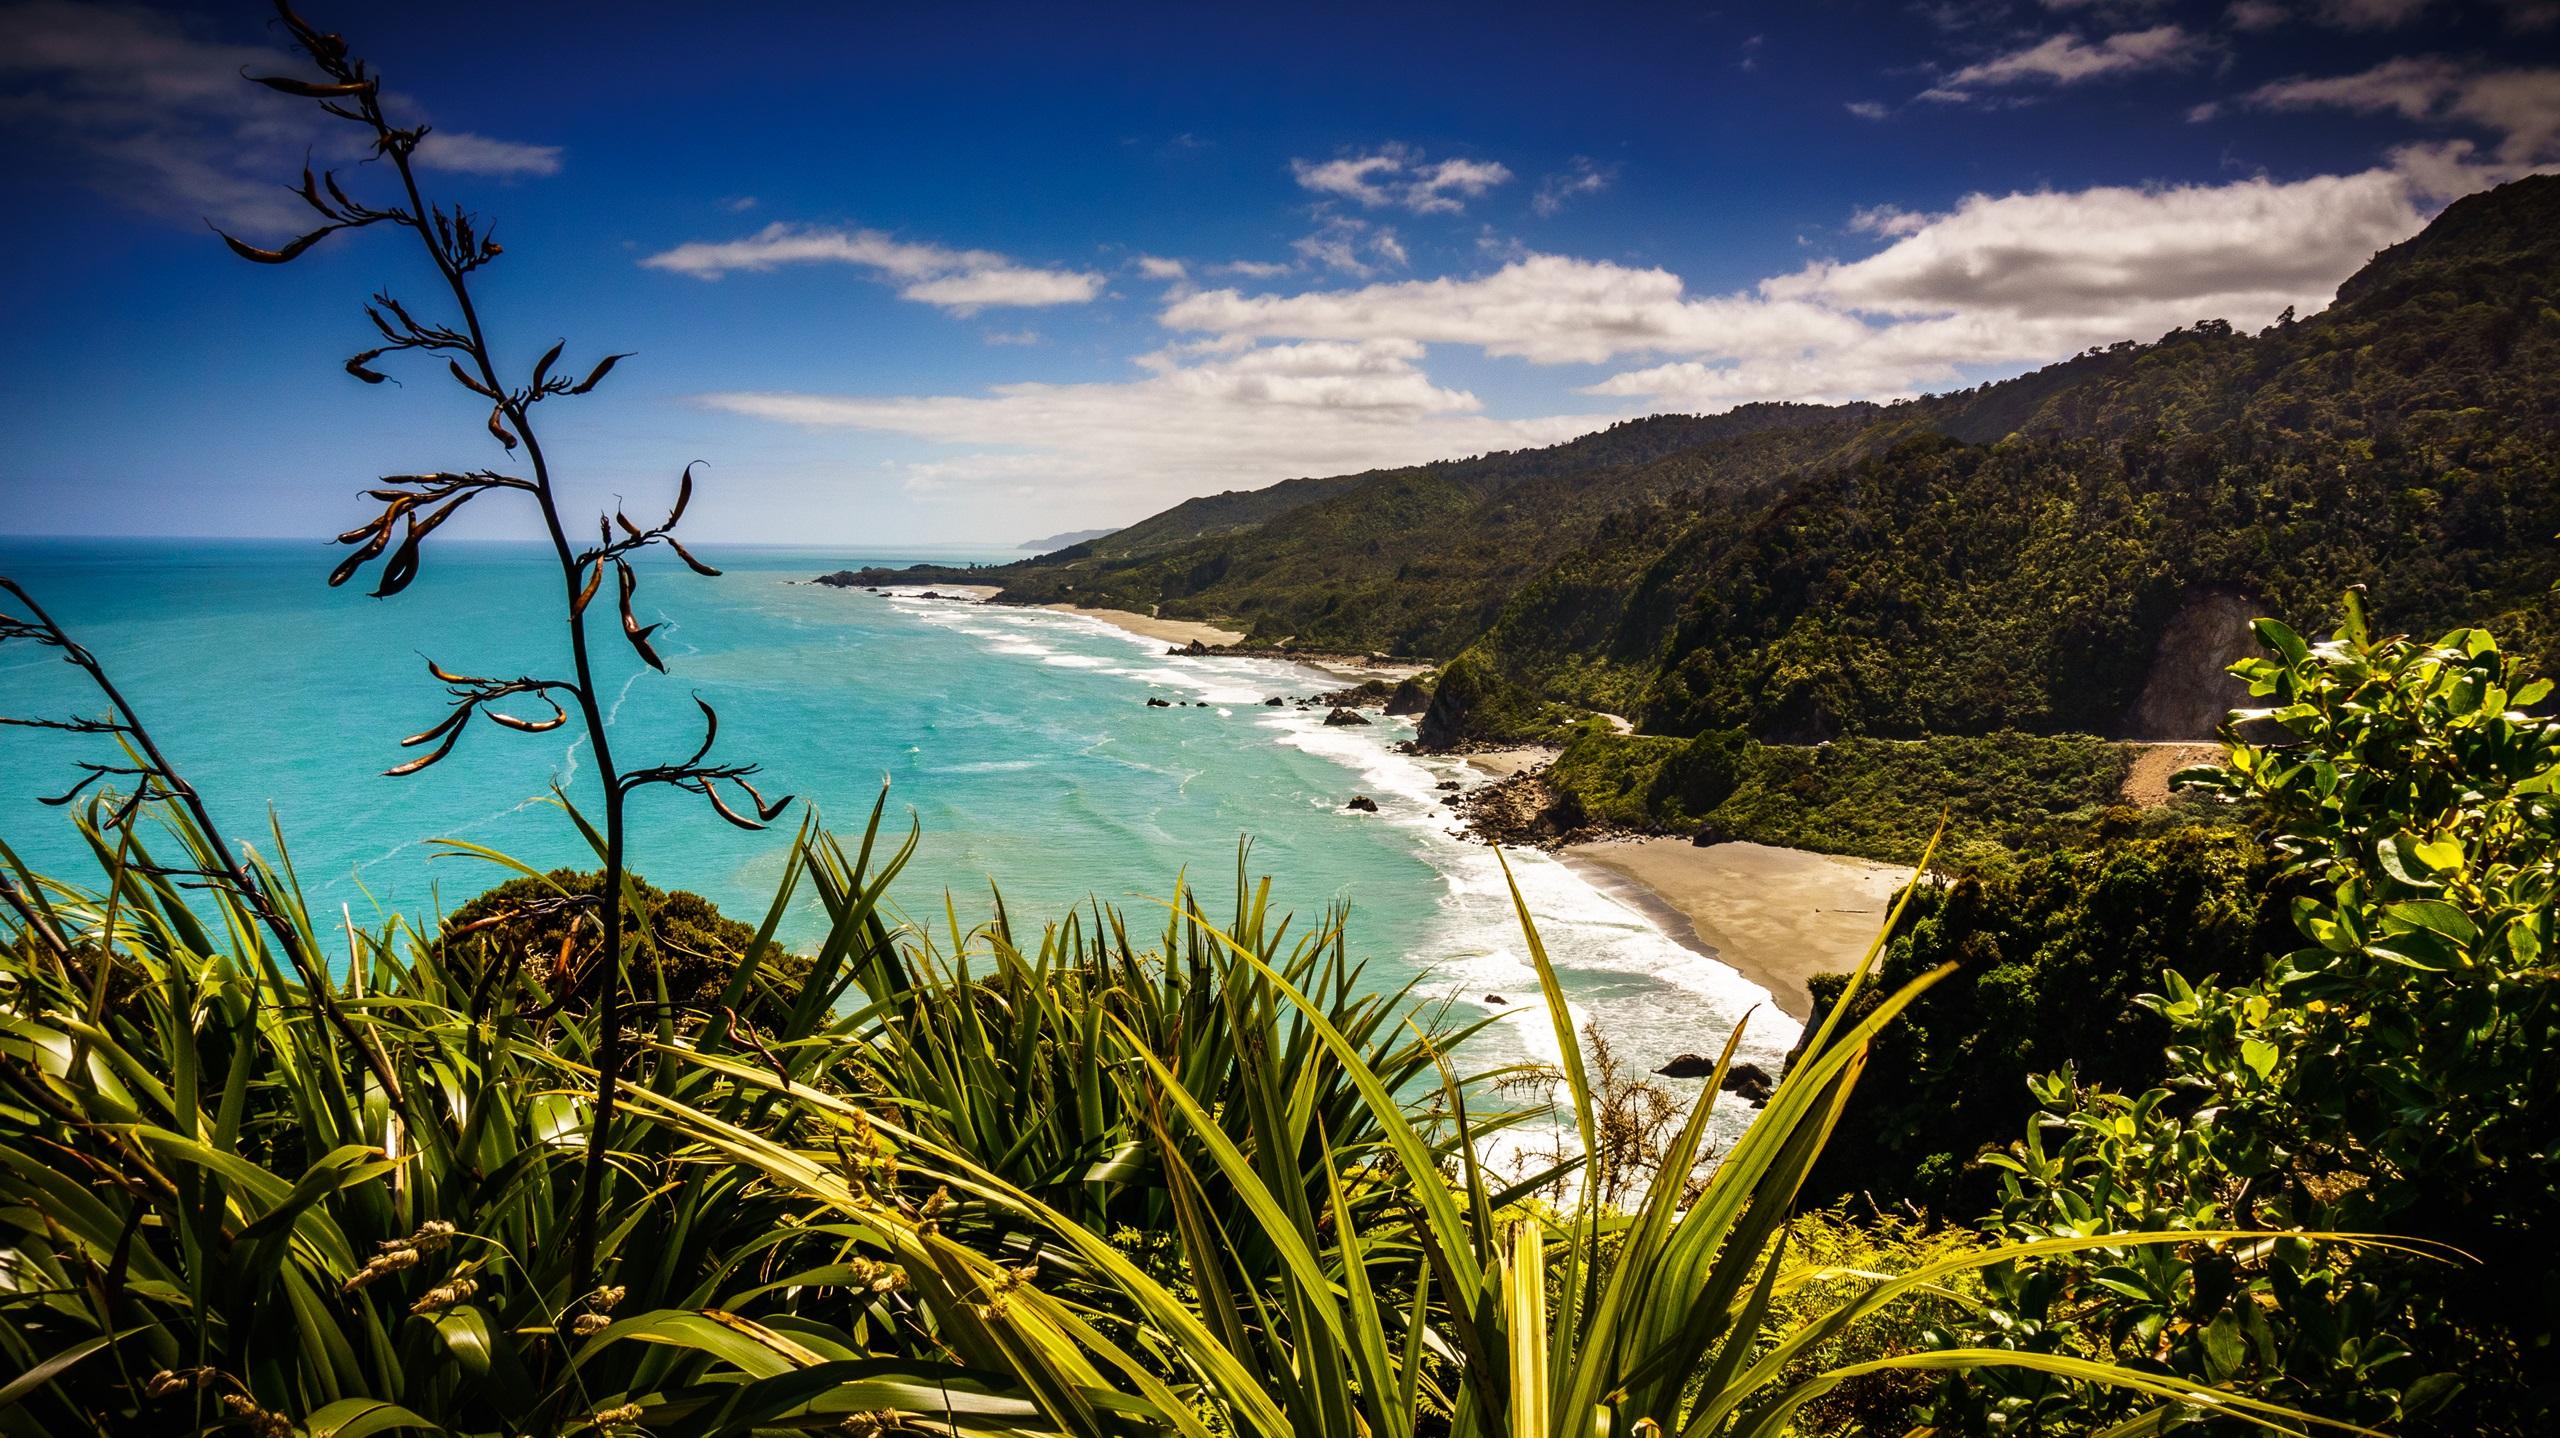 27-daagse camperreis van Christchurch naar Auckland